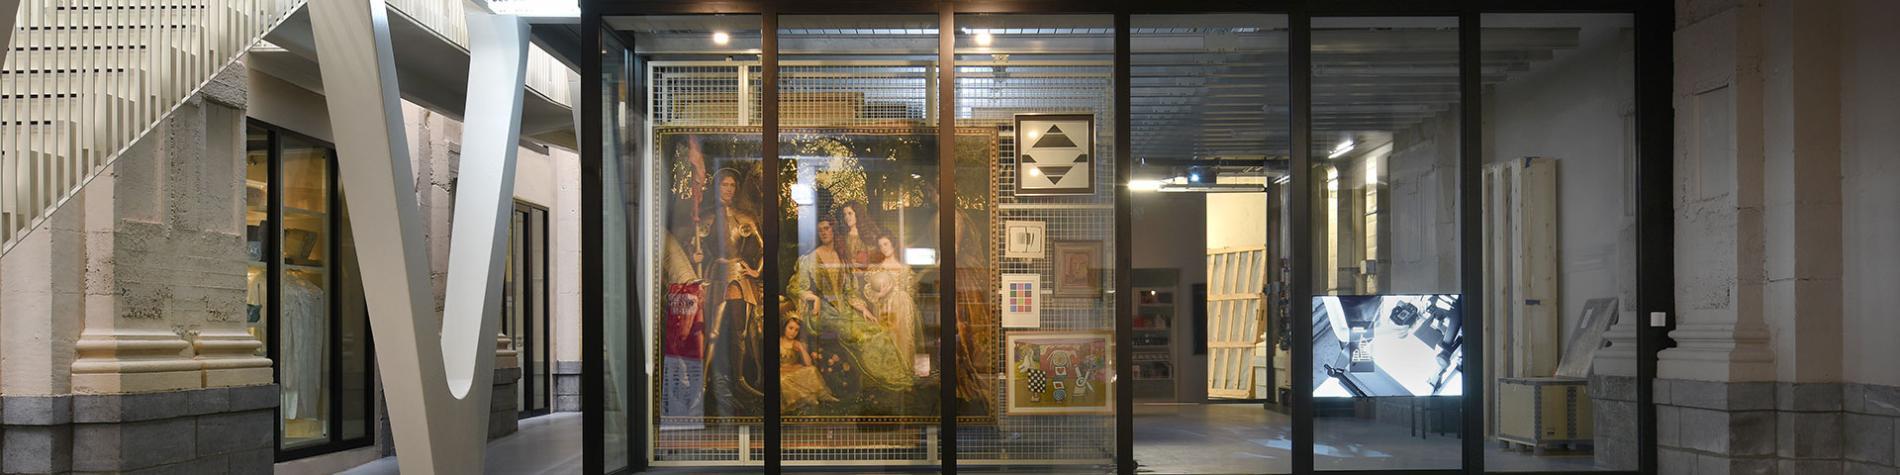 L'Artothèque - Mons - métiers - coulisses - musées - œuvres d'art - restauration